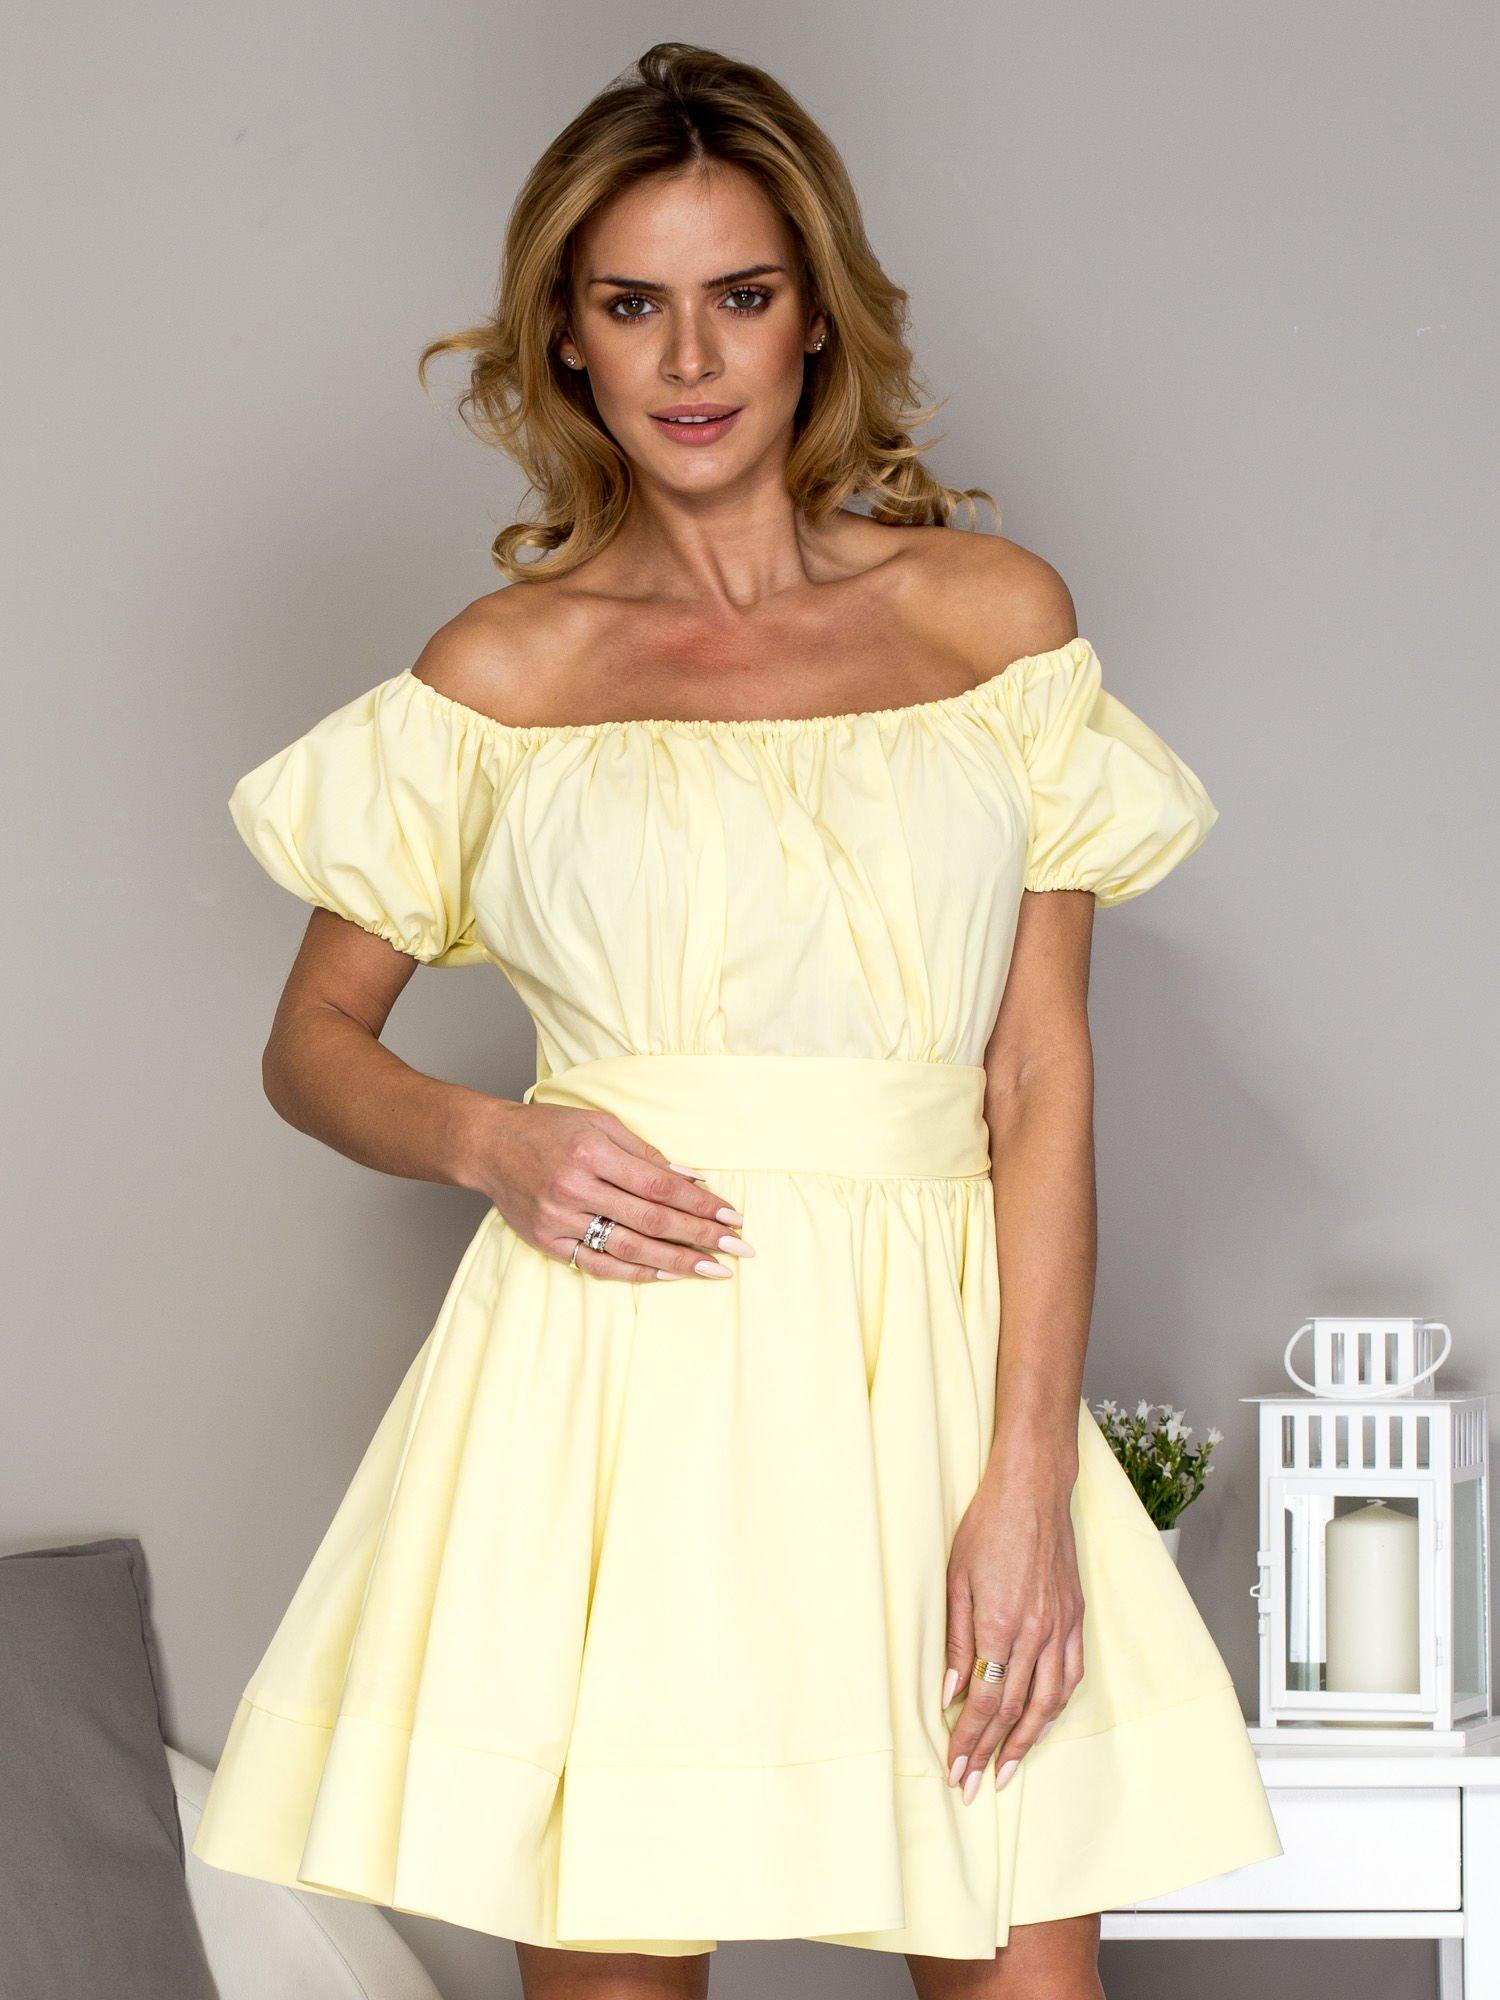 fff16a5967 Żółta sukienka z rozkloszowaną spódnicą - Sukienka koktajlowa ...